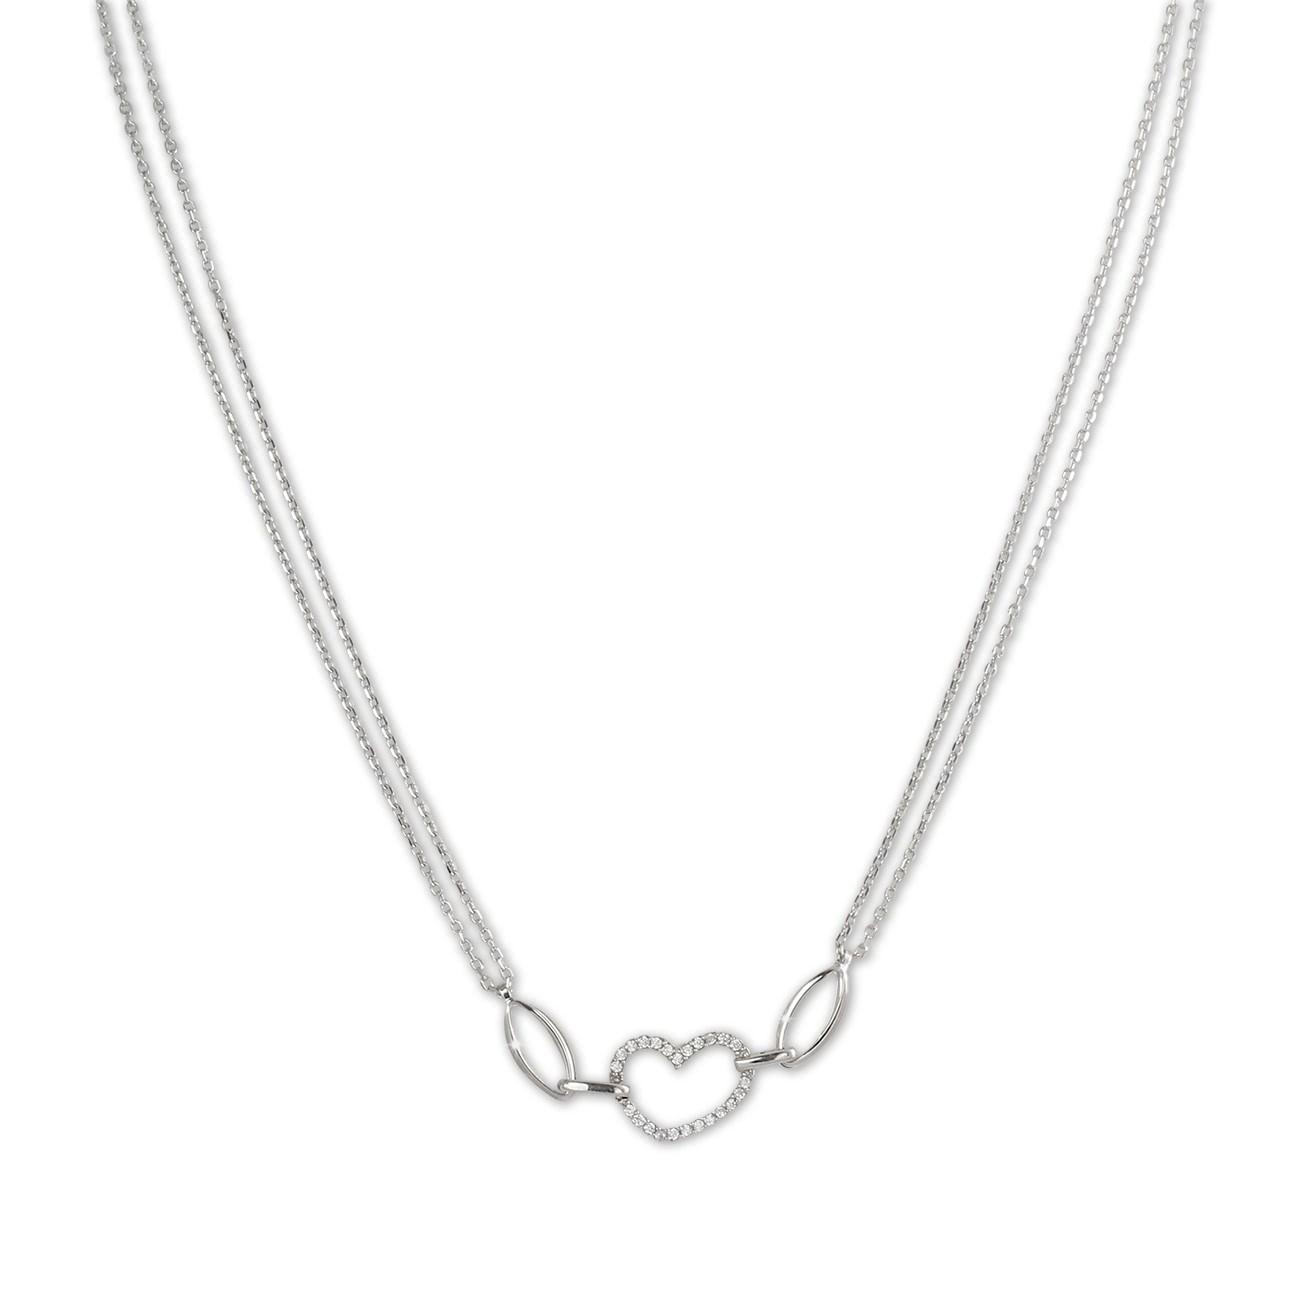 SilberDream Kette Herz Zirkonia weiß 925er Silber 45cm Halskette SDK423W